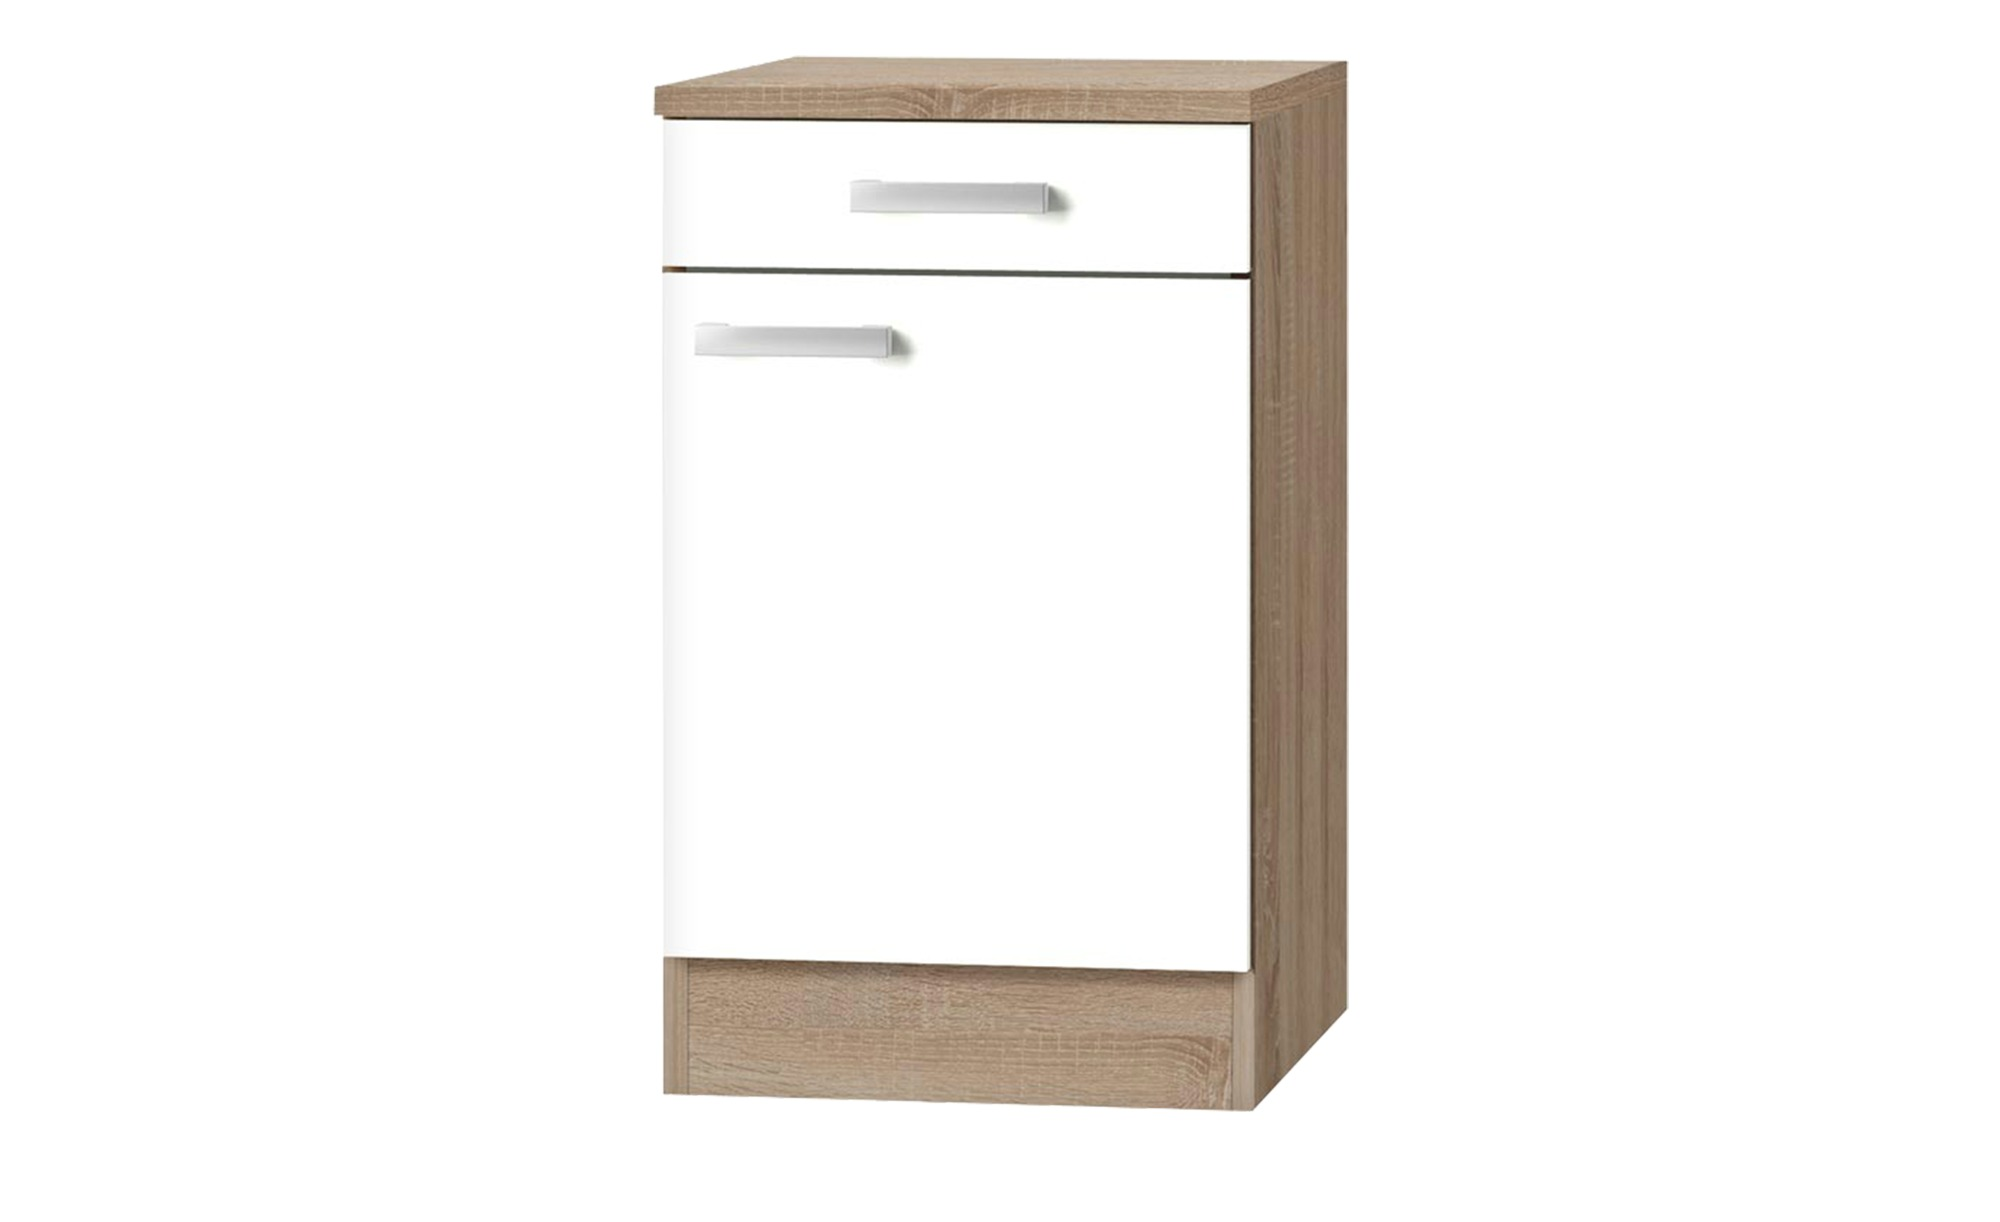 Unterschrank  Zamora - 50 cm - 84,8 cm - 60 cm - Sconto | Küche und Esszimmer > Küchenschränke > Küchen-Unterschränke | Sconto